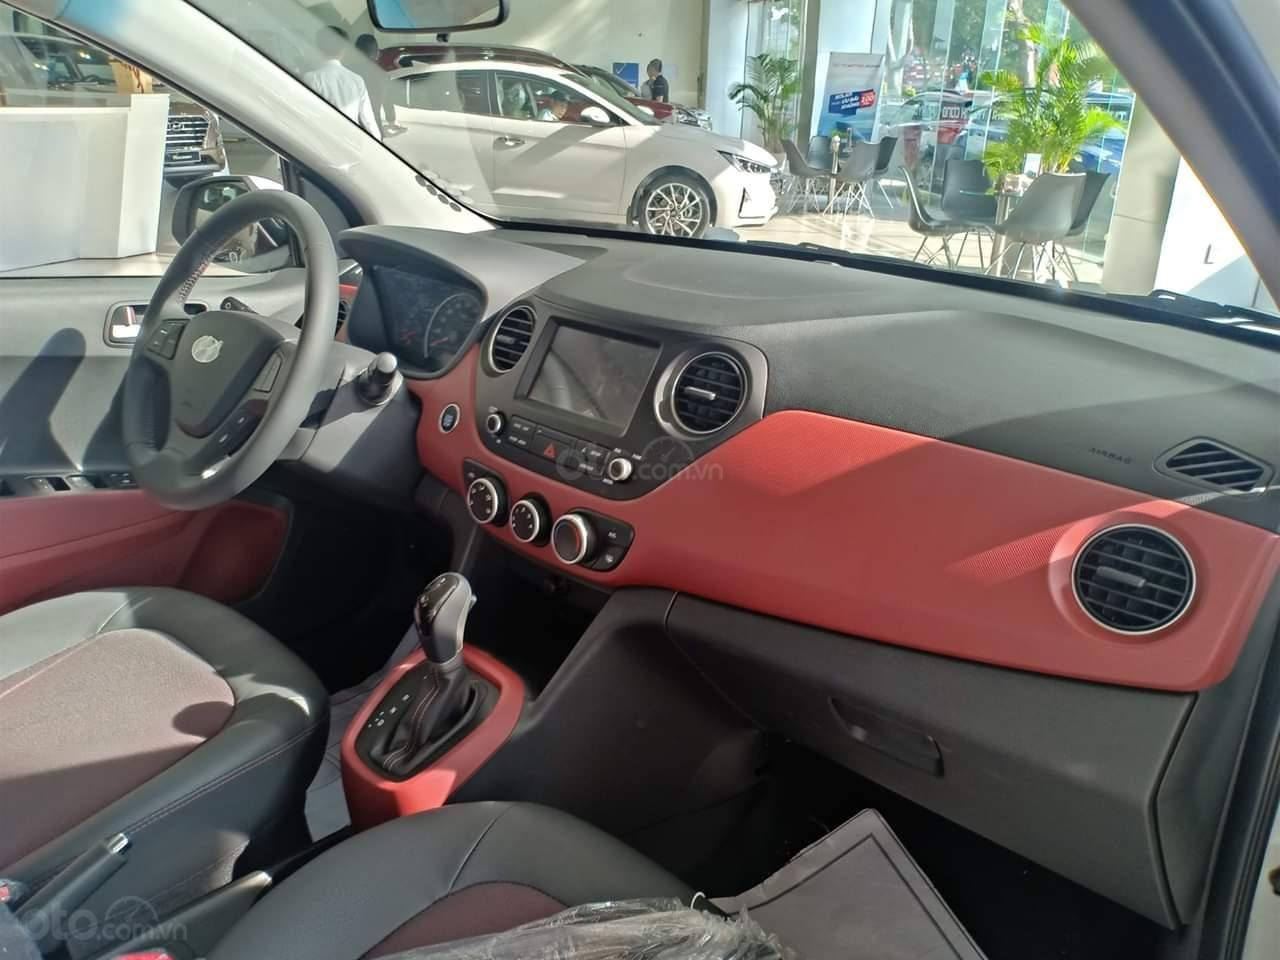 Hyundai Grand i10 giá tốt, nhiều khuyến mãi, quà tặng, hỗ trợ ngân hàng 80% giá xe (5)